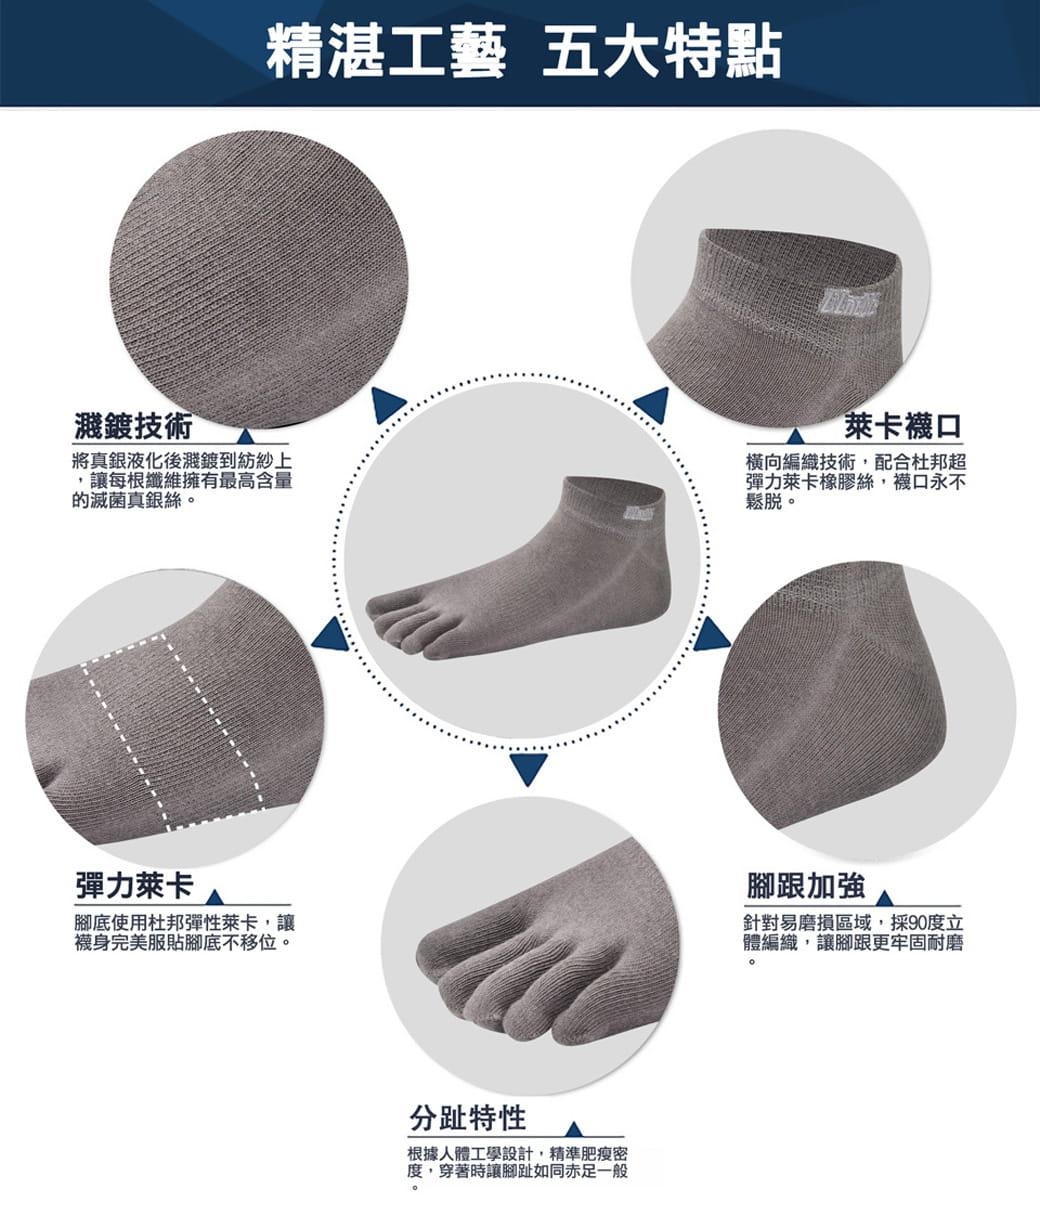 【力美特機能襪】銀纖五趾船襪(灰銀) 6